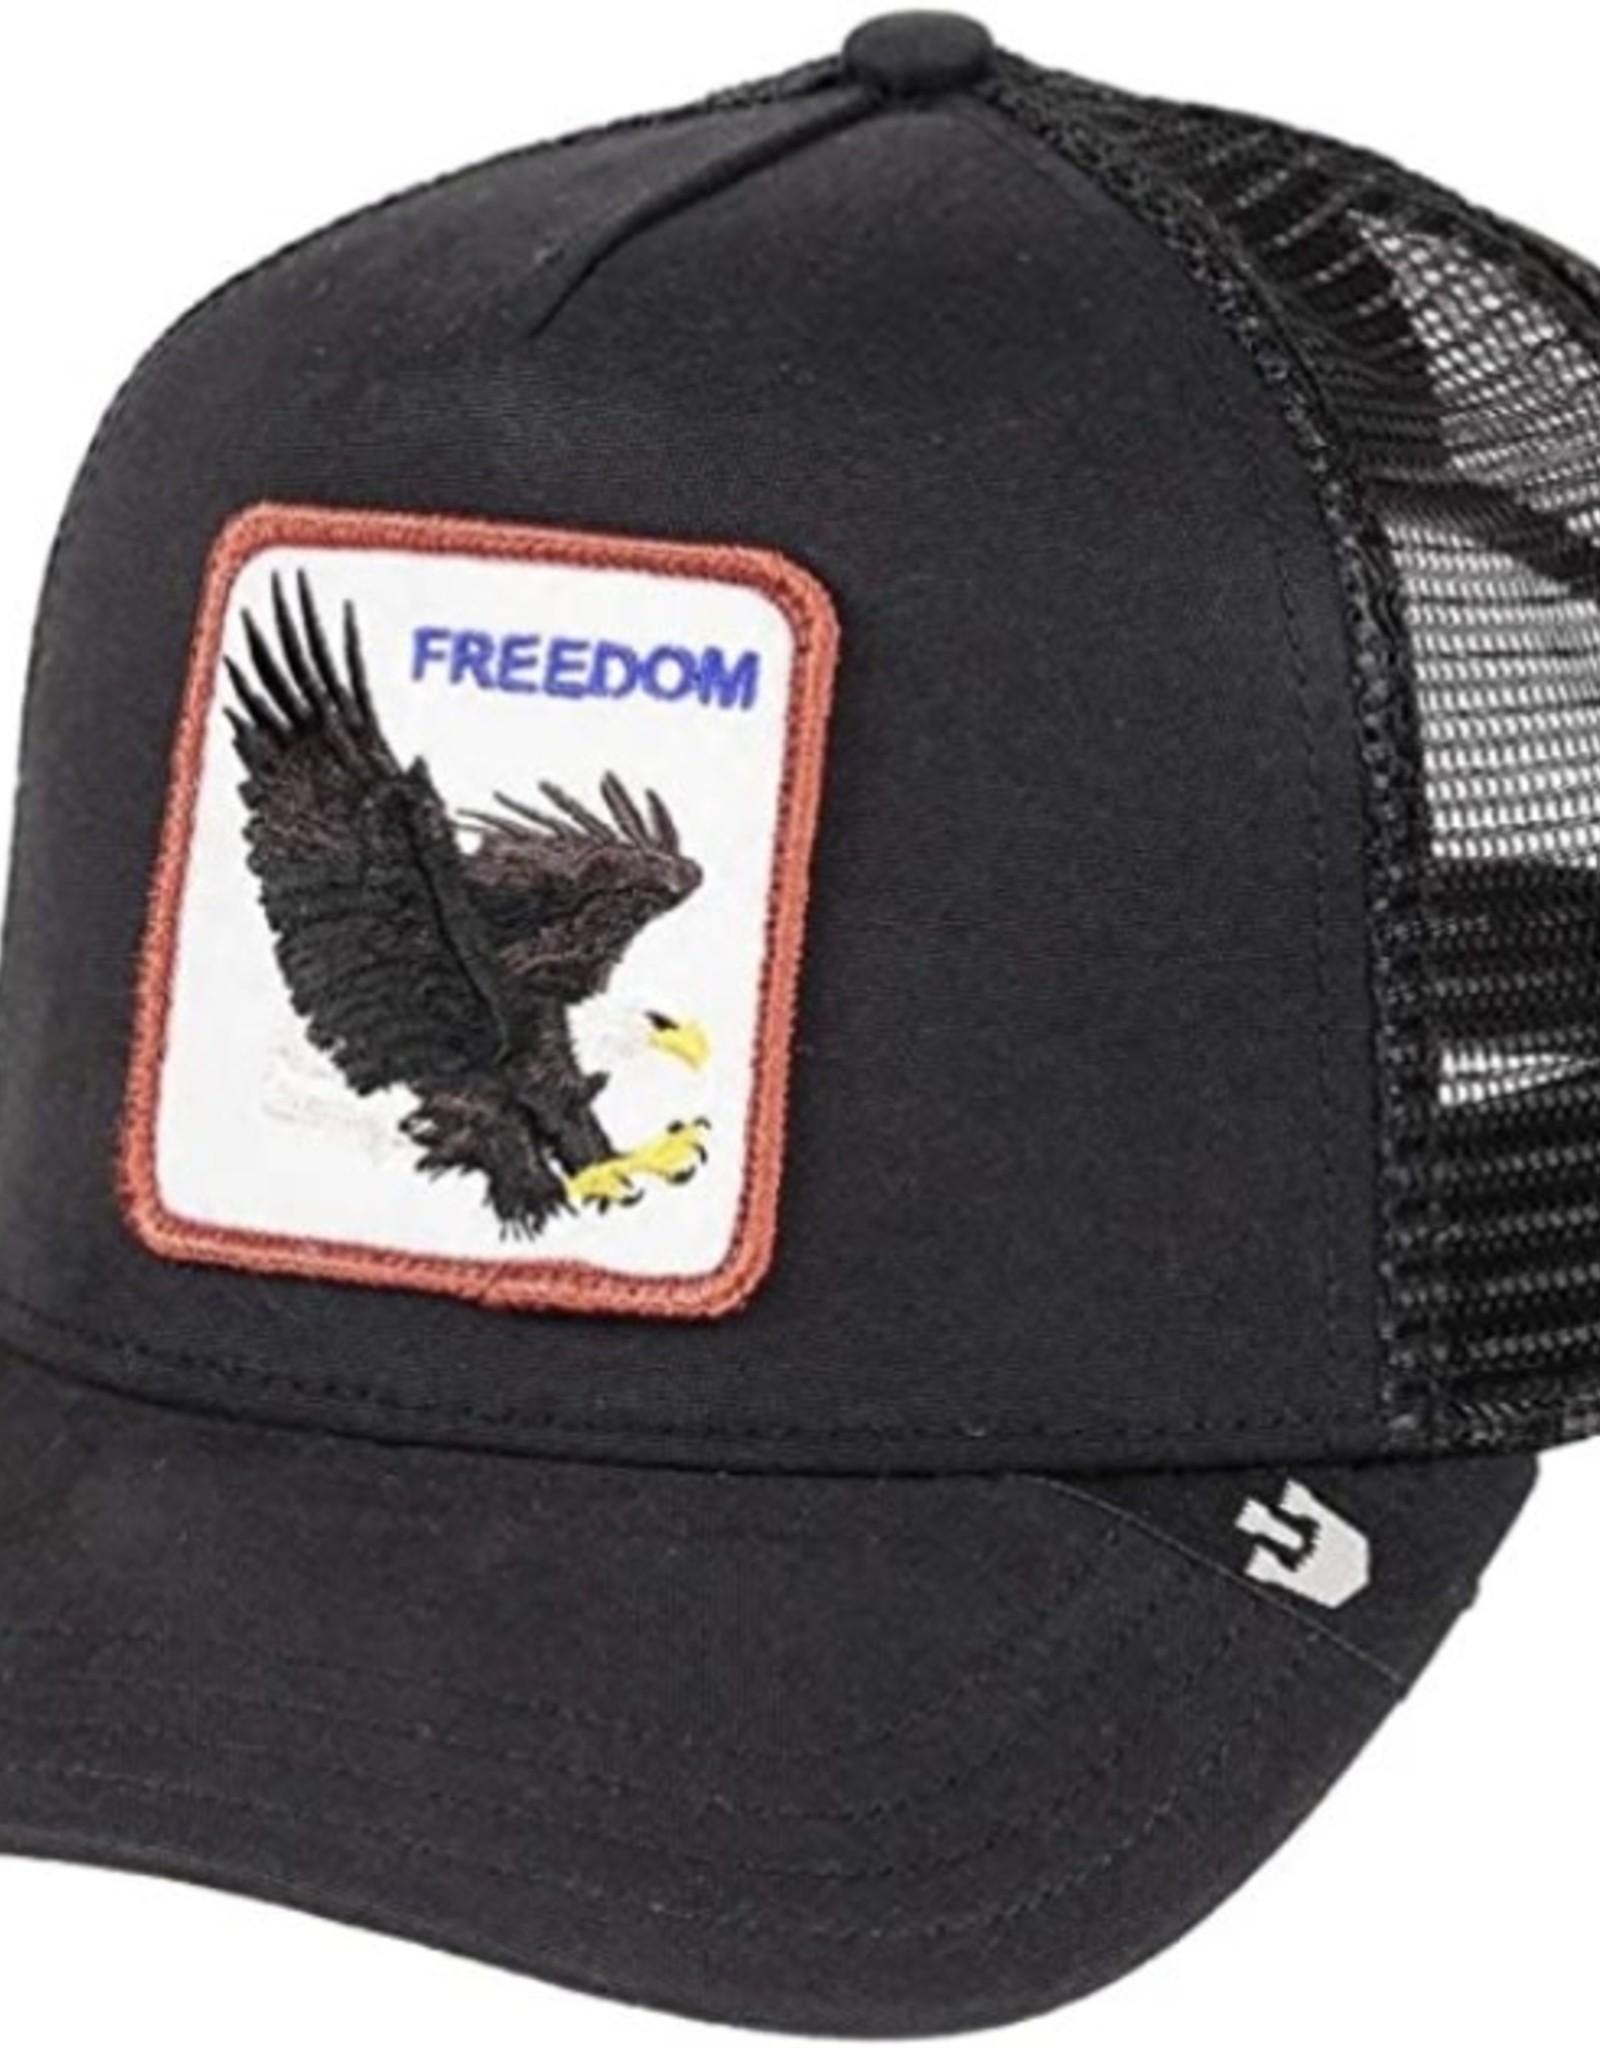 Goorin Bros Canada GB FREEDOM